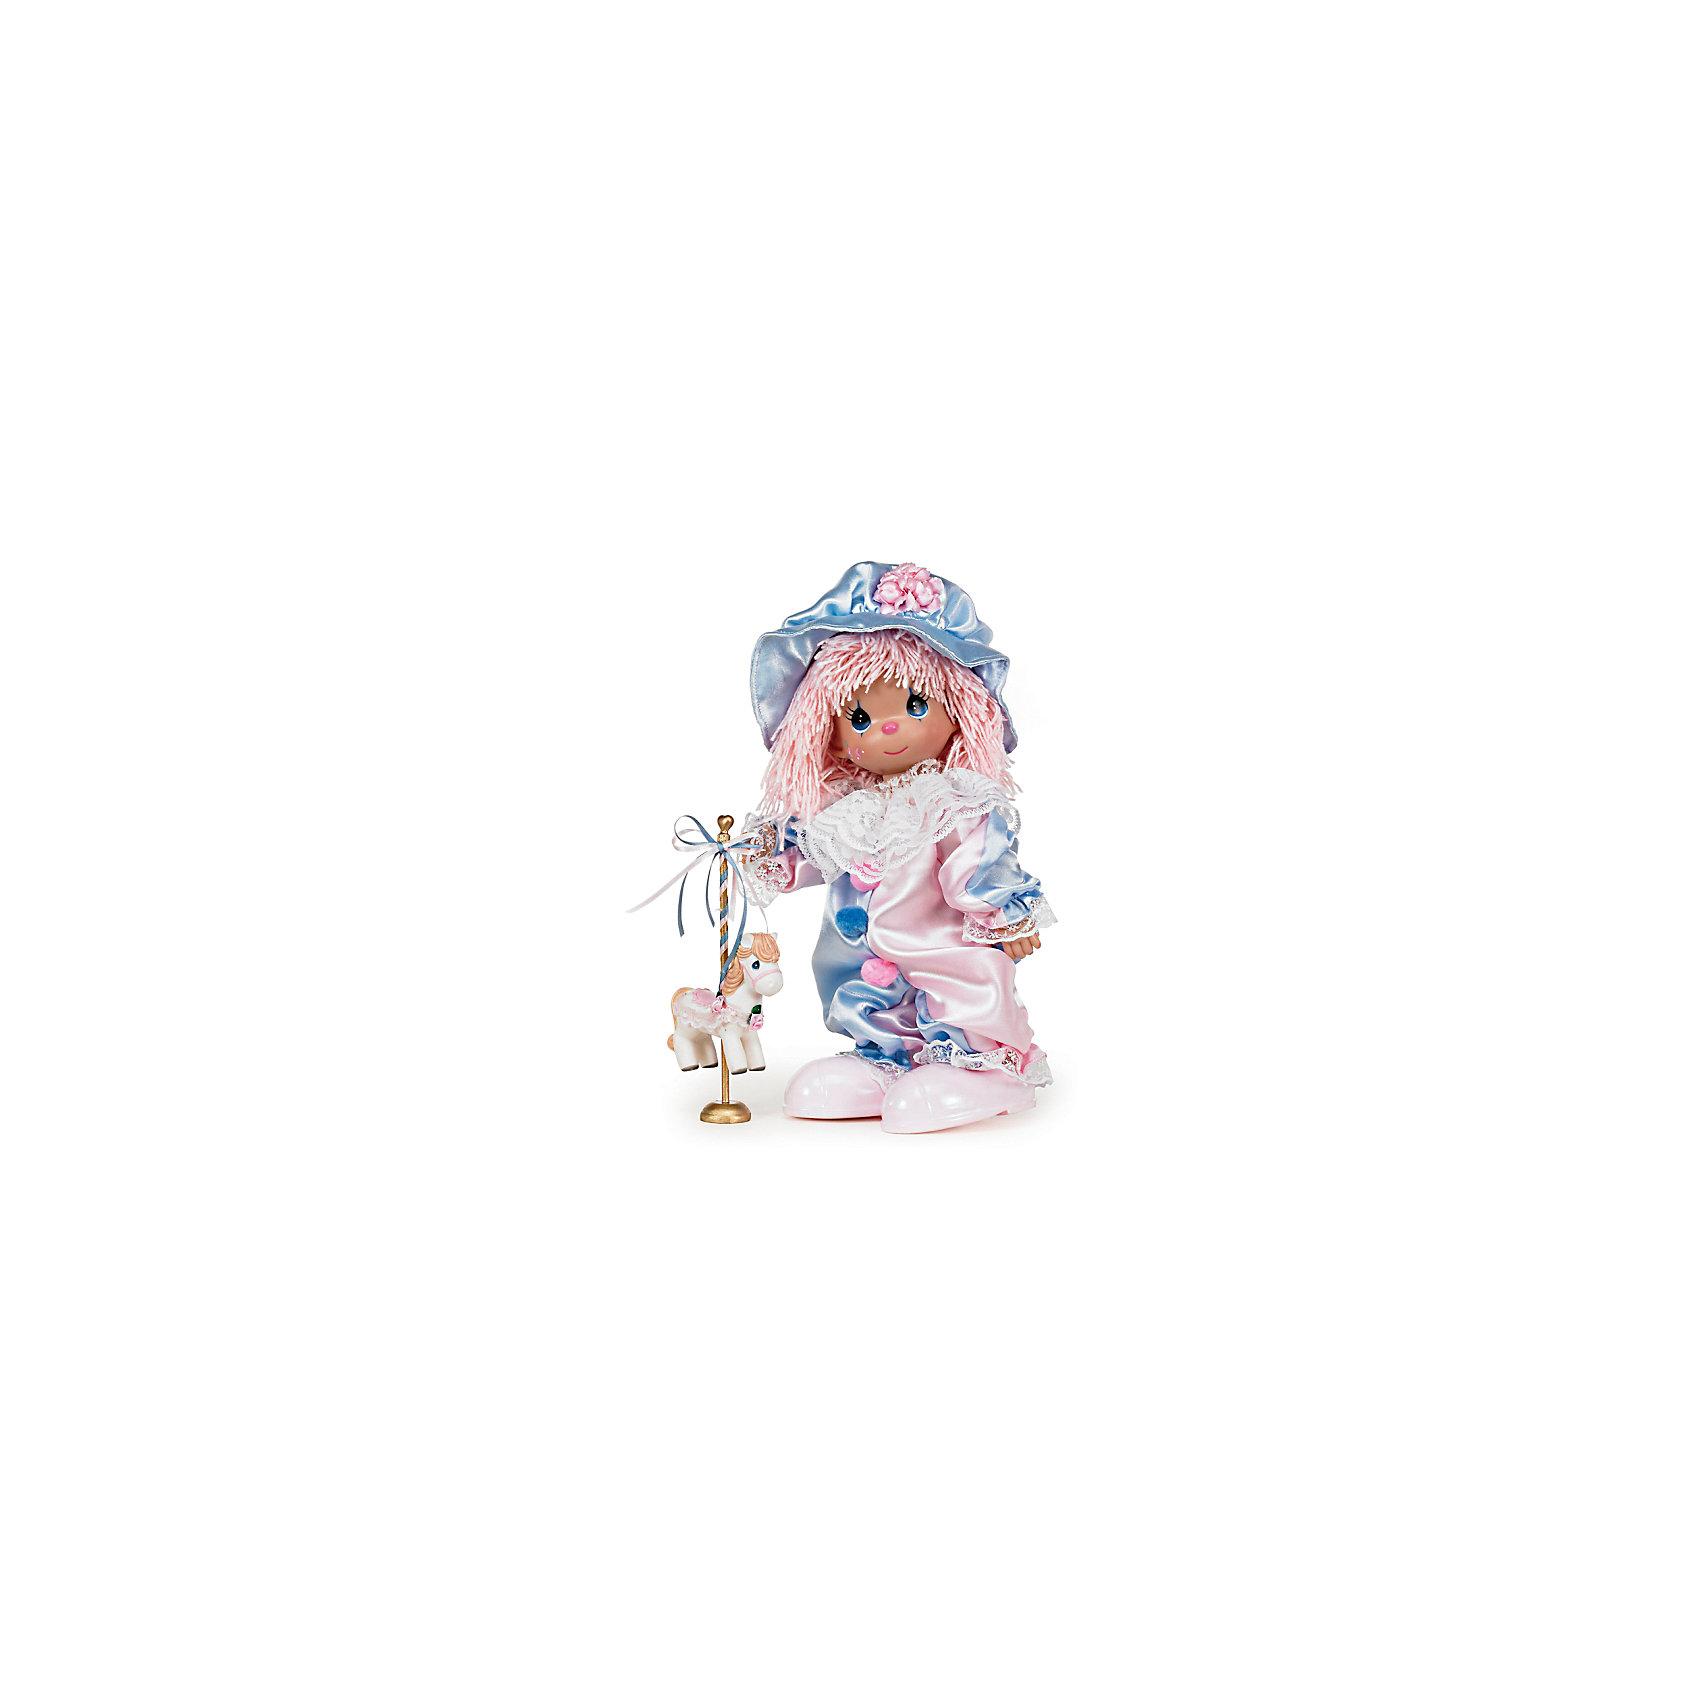 Кукла Клоун, 30 см, Precious MomentsКлассические куклы<br>Характеристики:<br><br>• Материал: пластик, металл, текстиль<br>• Комплектация: кукла, пони на подставке<br>• Высота куклы ?30 см<br>• Комплект одежды съемный<br>• Вес в упаковке: 428 г<br>• Размеры упаковки (Г*Ш*В): 14*30*8 см<br><br>Все куклы выполнены из винила, волосы – из крученых ниток. Голова, руки и ноги – подвижные, благодаря чему игрушка может принимать любую позу. Кукла представлена в образе клоуна: у нее комбинезон, выполненный в нежных голубых и розовых тонах, кружевной воротник и большие мягкие помпоны на груди. Дополняет образ объемная кепка с розовым цветком. В наборе с куклой имеется пони на подставке. Все материалы, из которых изготовлена кукла и аксессуары, безопасные: не вызывают аллергии и не имеют запаха. <br><br>Куклу Клоун, 30 см, Precious Moments можно купить в нашем интернет-магазине.<br><br>Ширина мм: 140<br>Глубина мм: 300<br>Высота мм: 80<br>Вес г: 428<br>Возраст от месяцев: 36<br>Возраст до месяцев: 2147483647<br>Пол: Женский<br>Возраст: Детский<br>SKU: 5488535